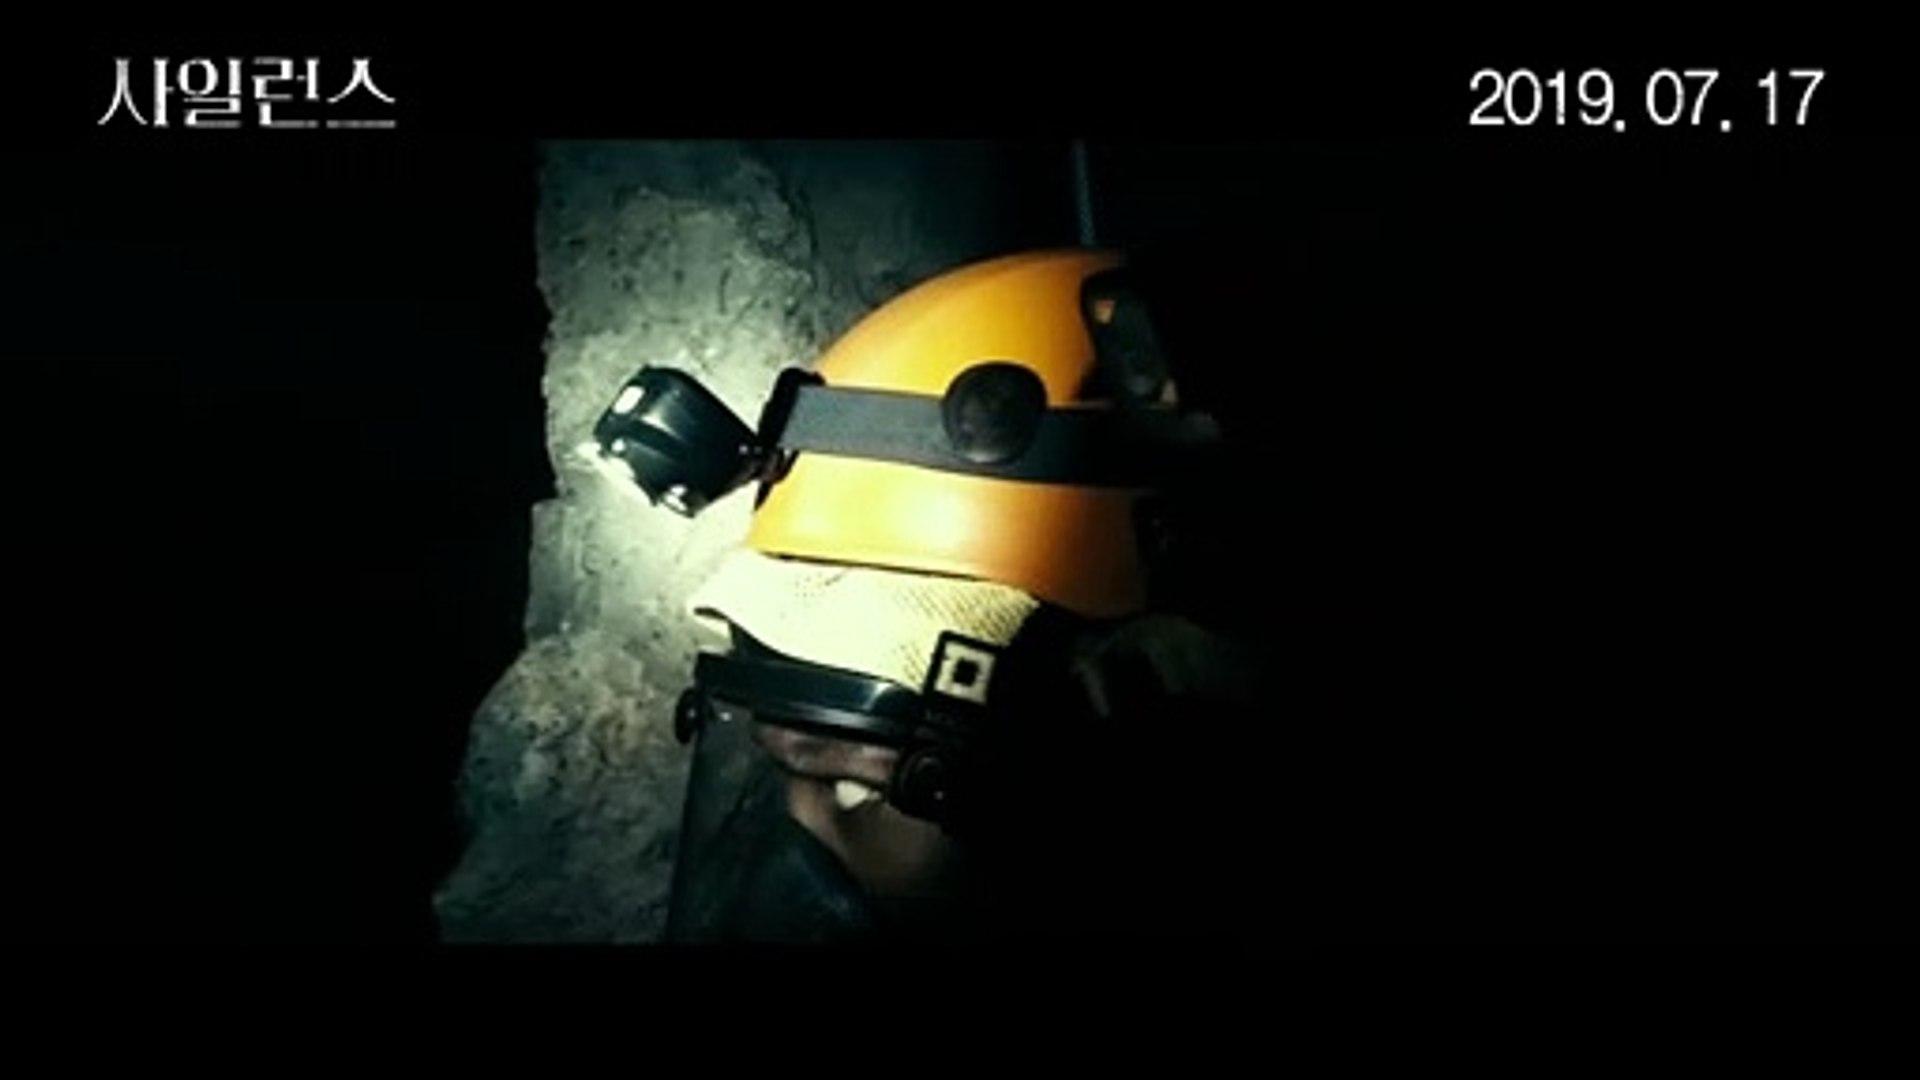 영화 [사일런스] 무삭제 습격 영상